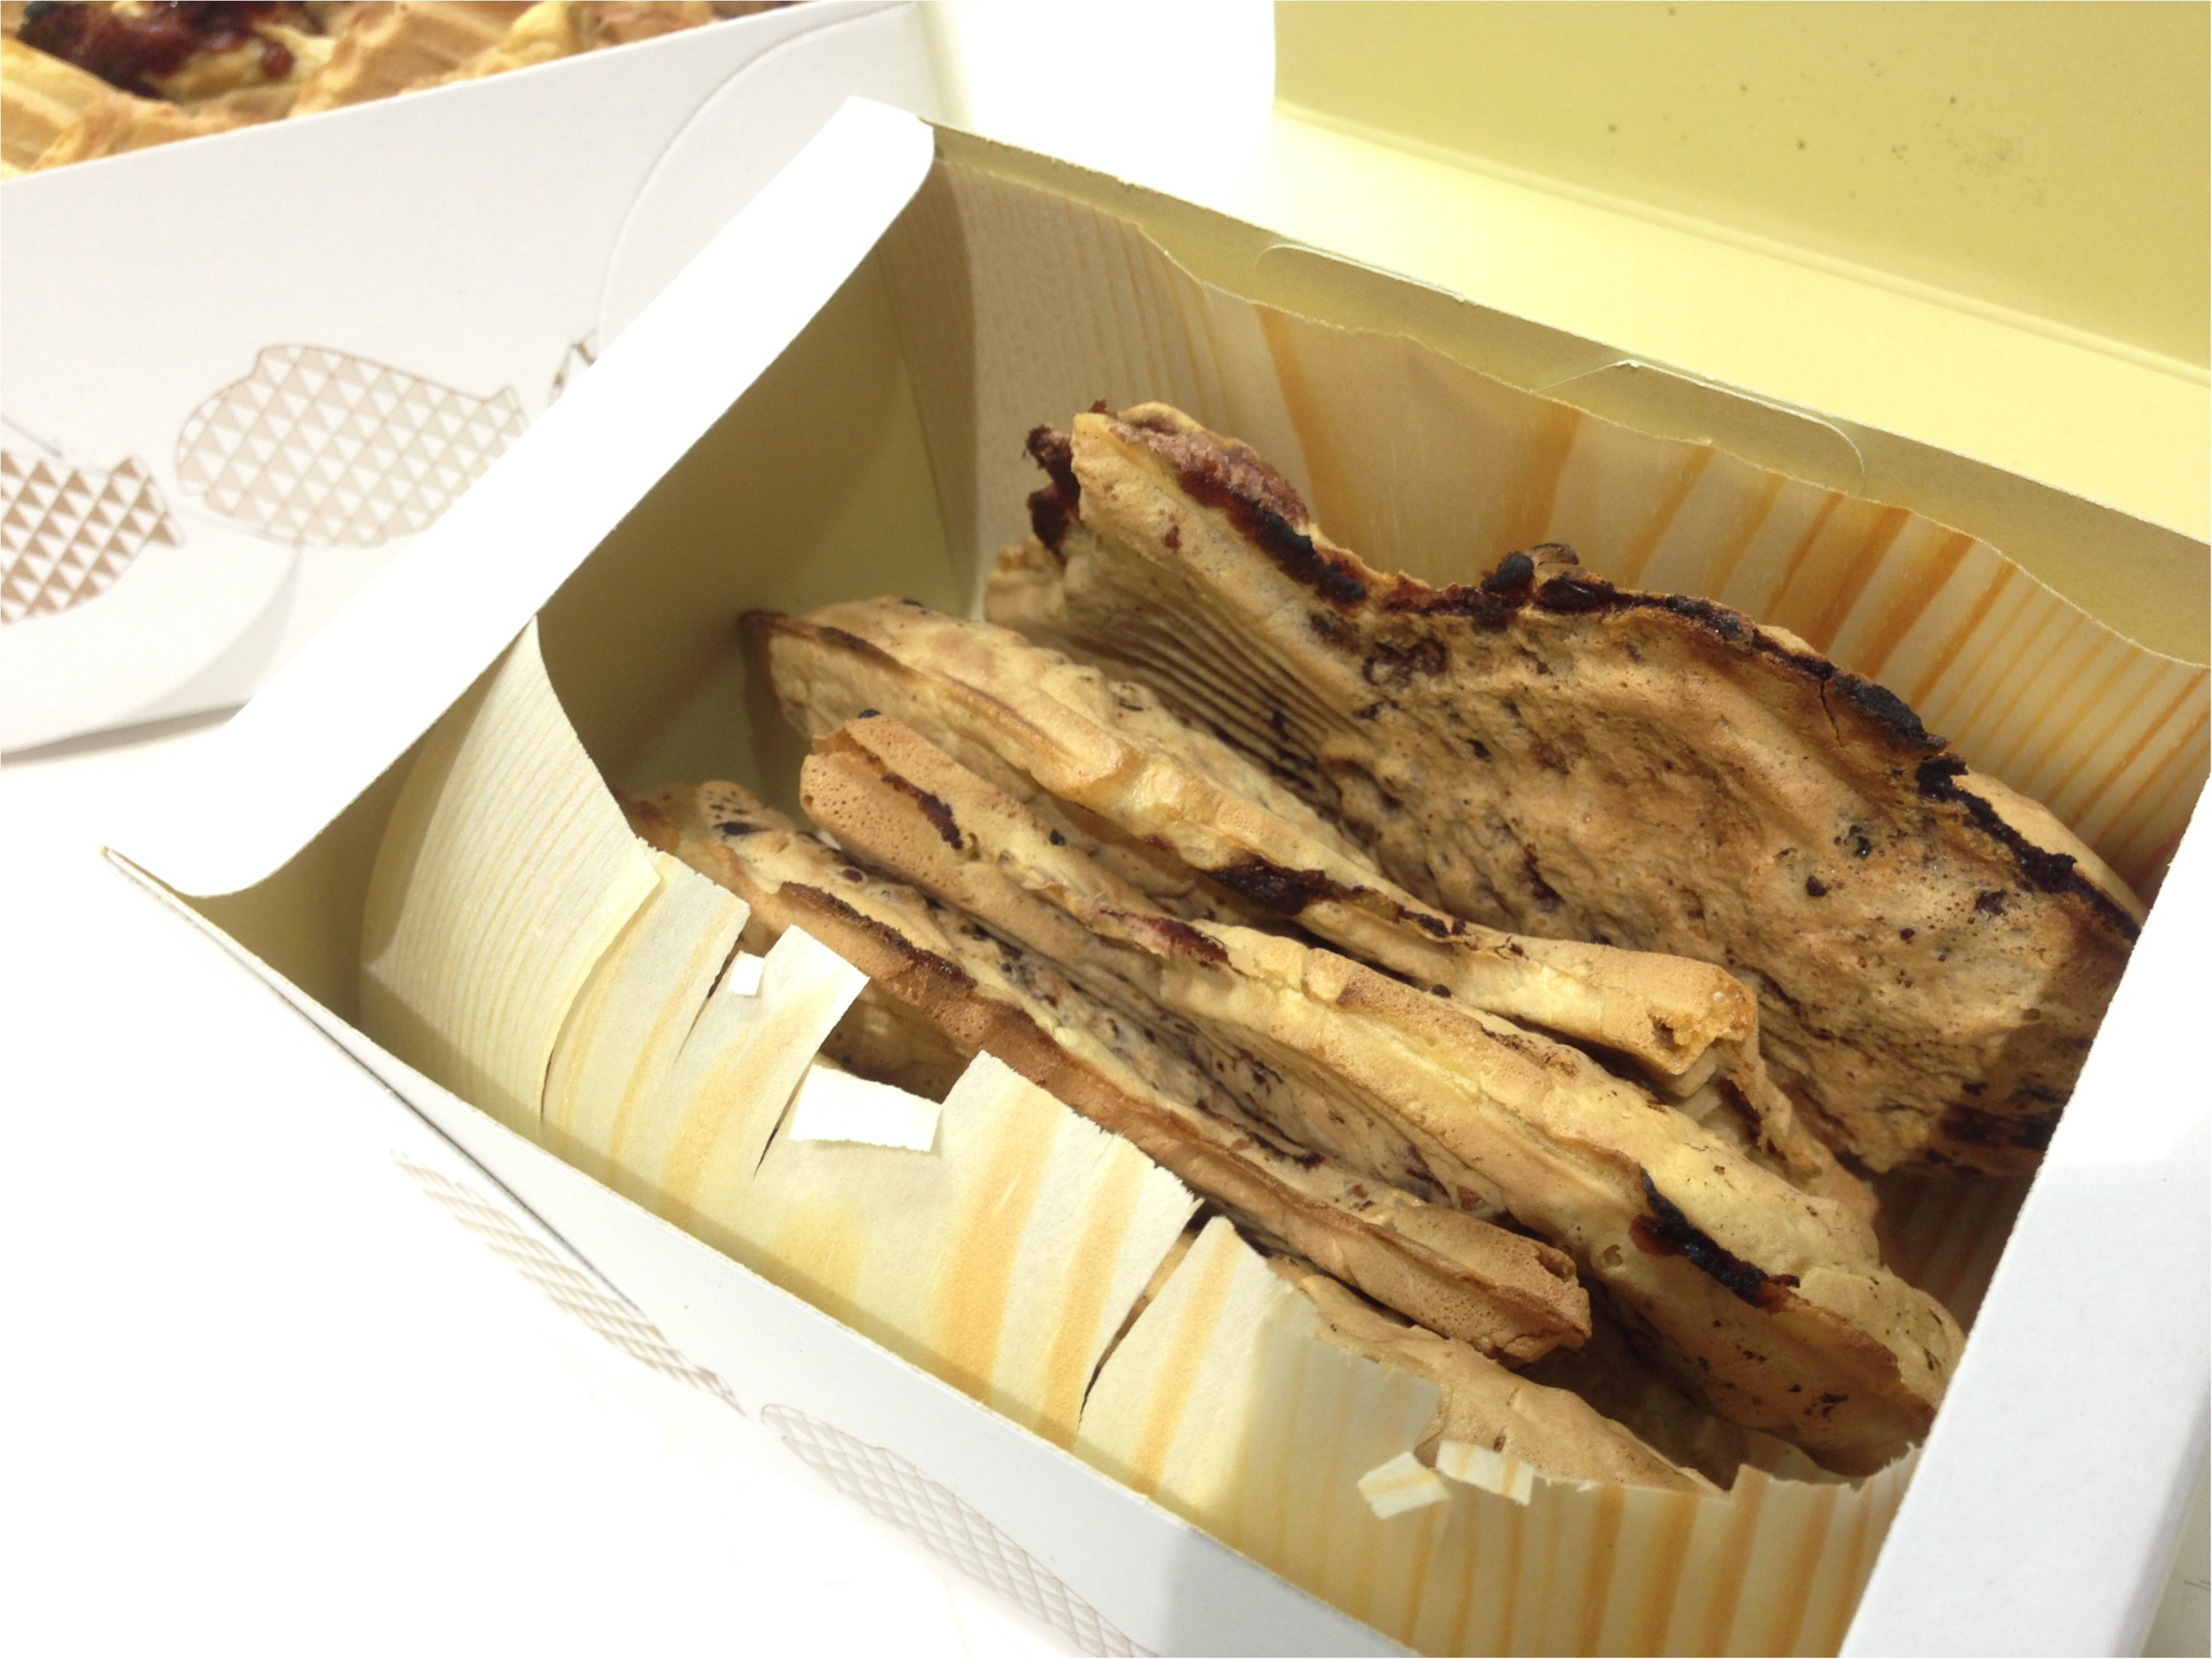 たい焼きの元祖‼️1個からでも予約できちゃう浪花屋総本店の絶品たい焼き( ´ ▽ ` )ノ_2